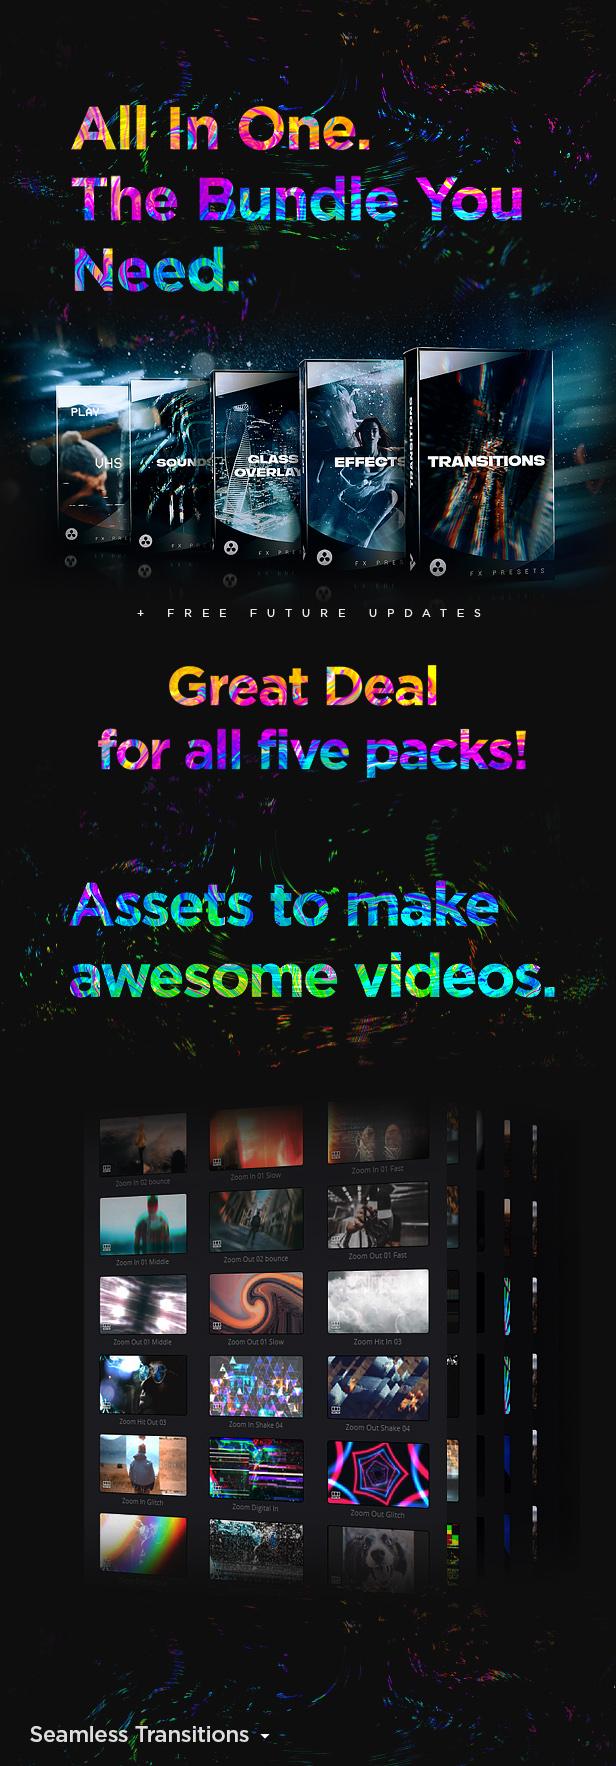 LUT预设,达芬奇模板-视频编辑剪辑摄像机无缝转场光效叠加VHS特效元素预设合集 ,效果图达芬奇调色